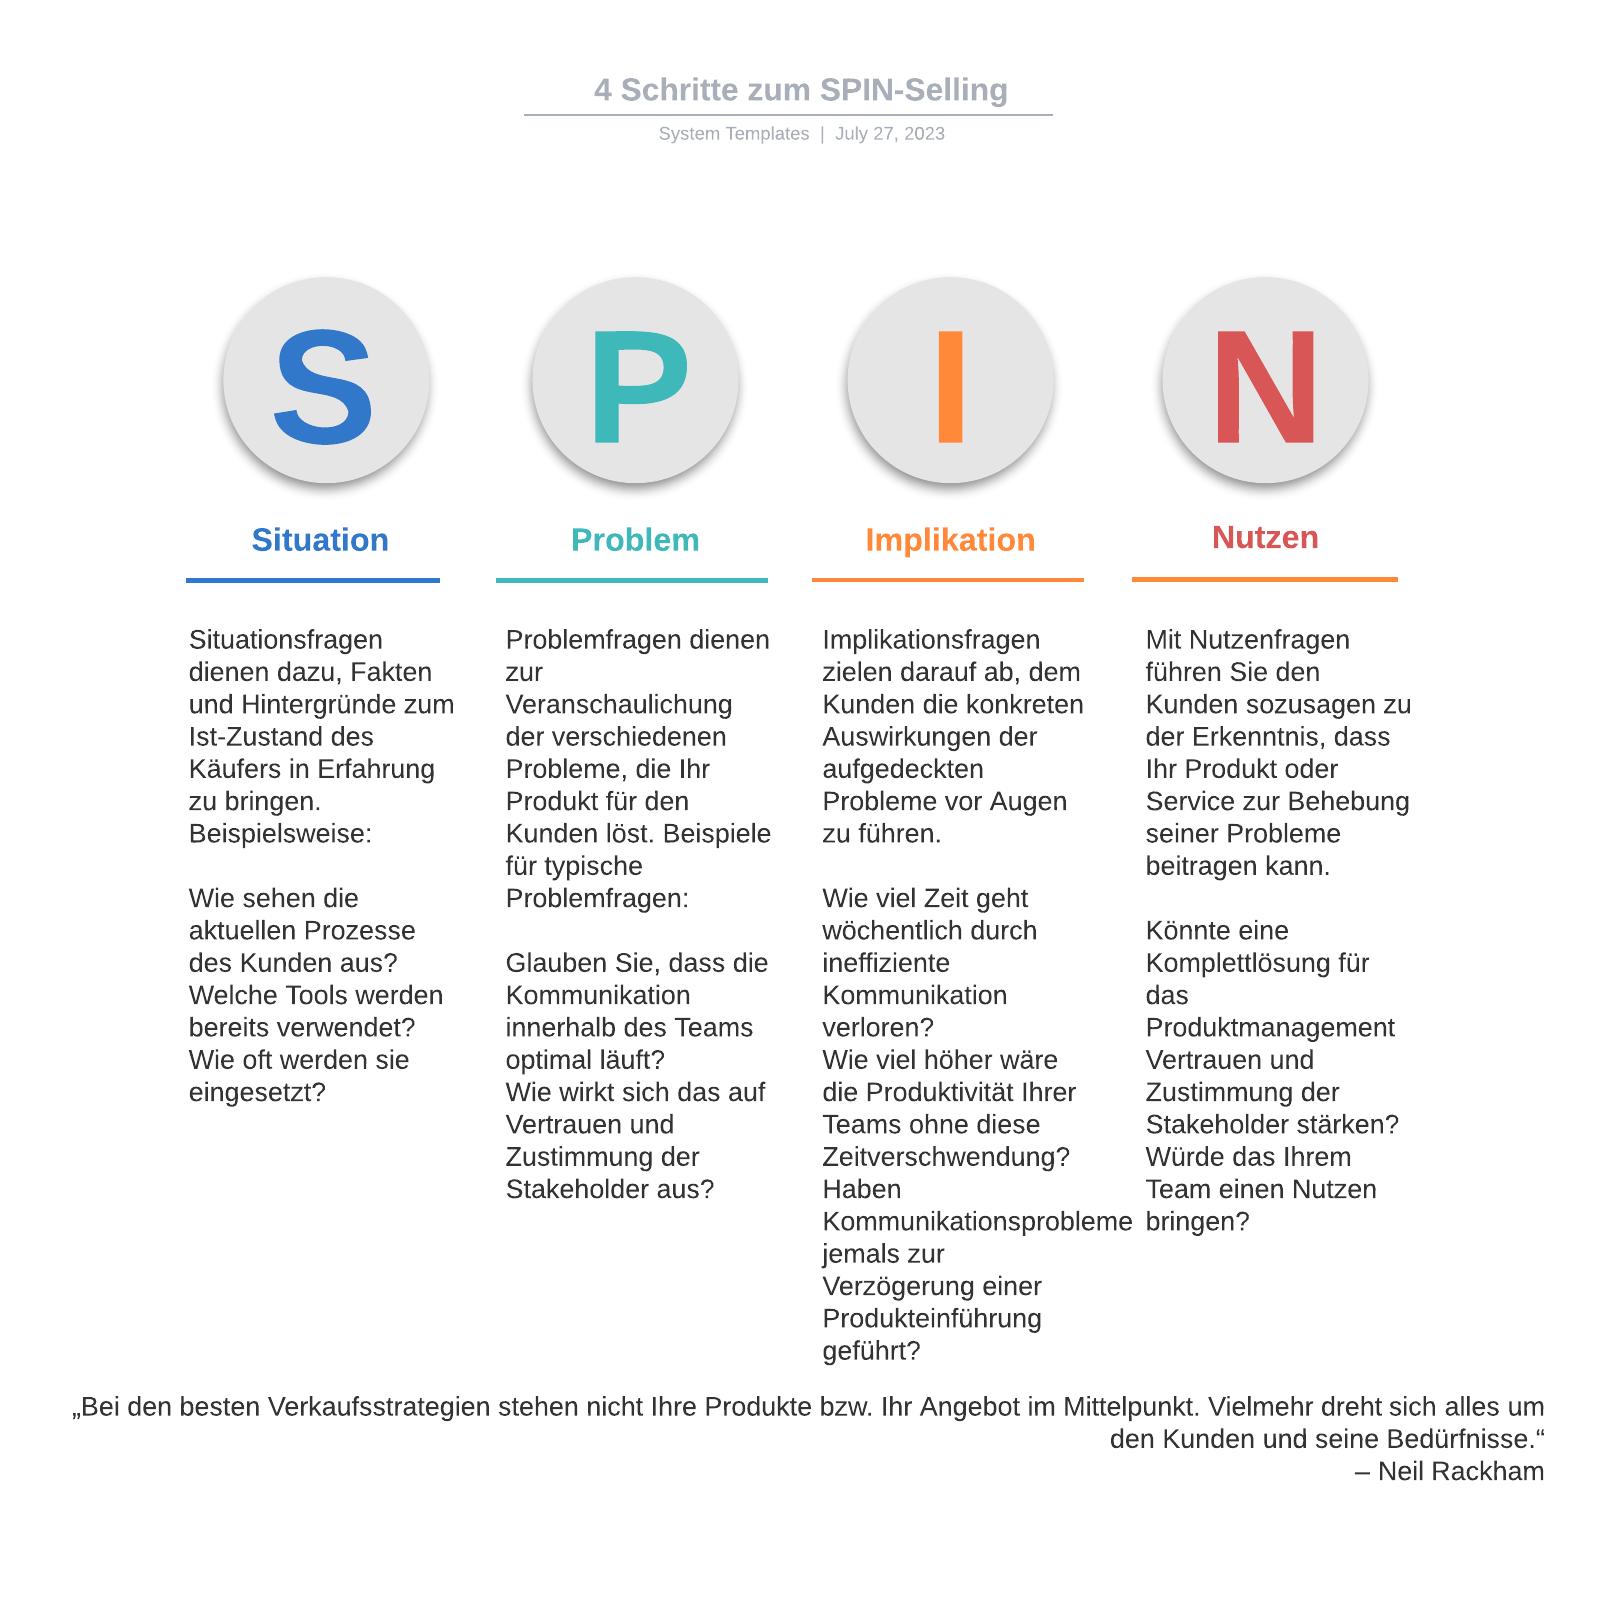 4 Schritte zum SPIN-Selling